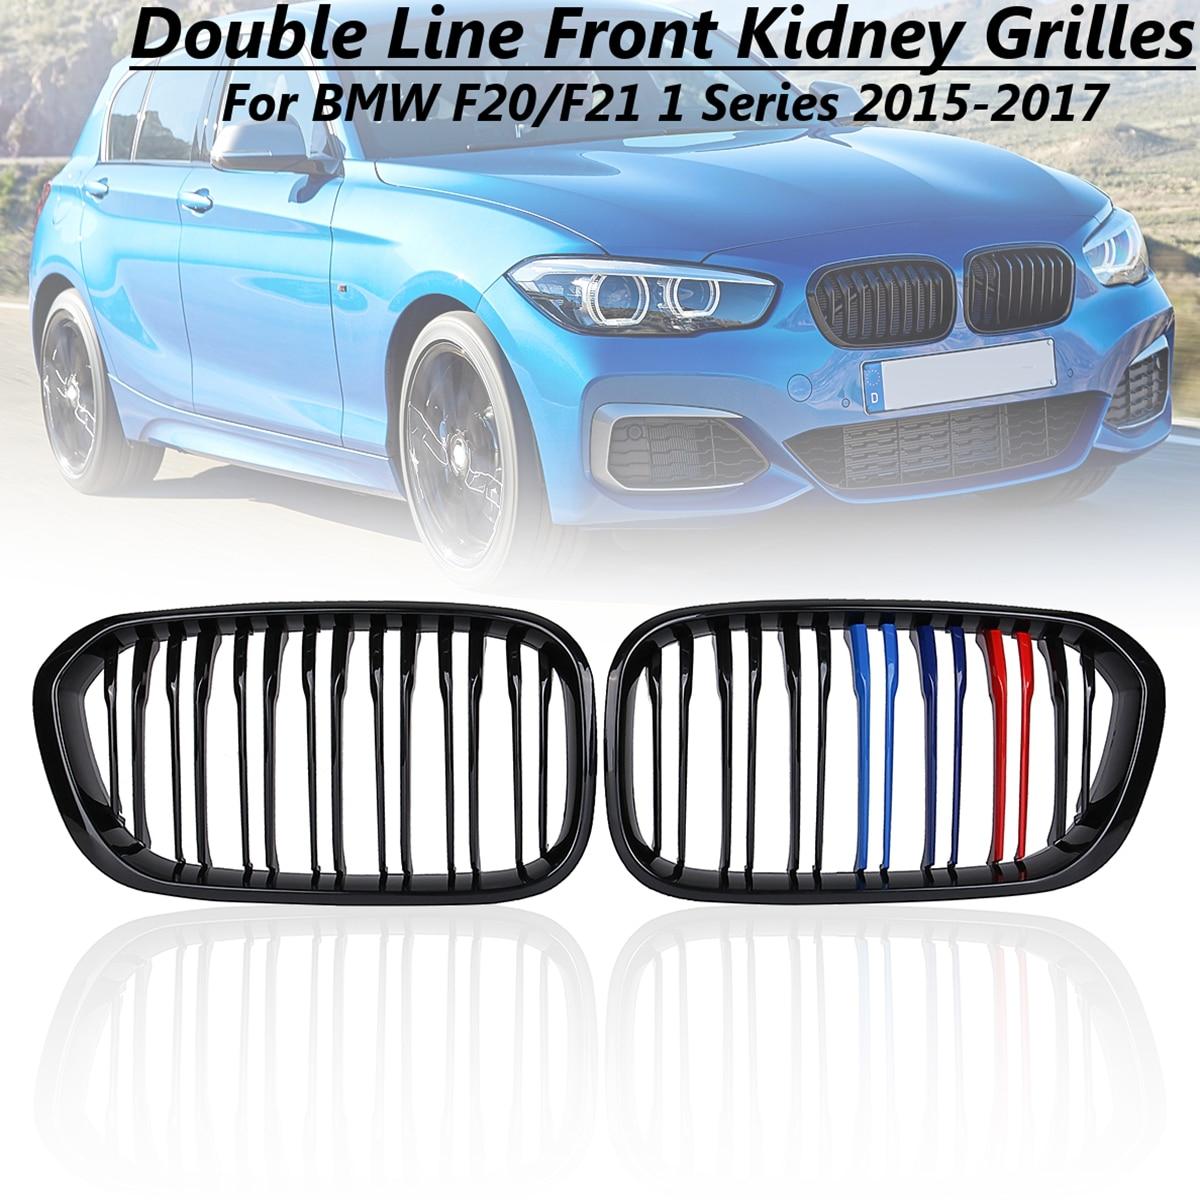 Pour BMW F21 F21 1 2015-2017 2 lattes pour Modification voiture style pare-chocs avant de voiture série rein Grilles Gloss noir m-color